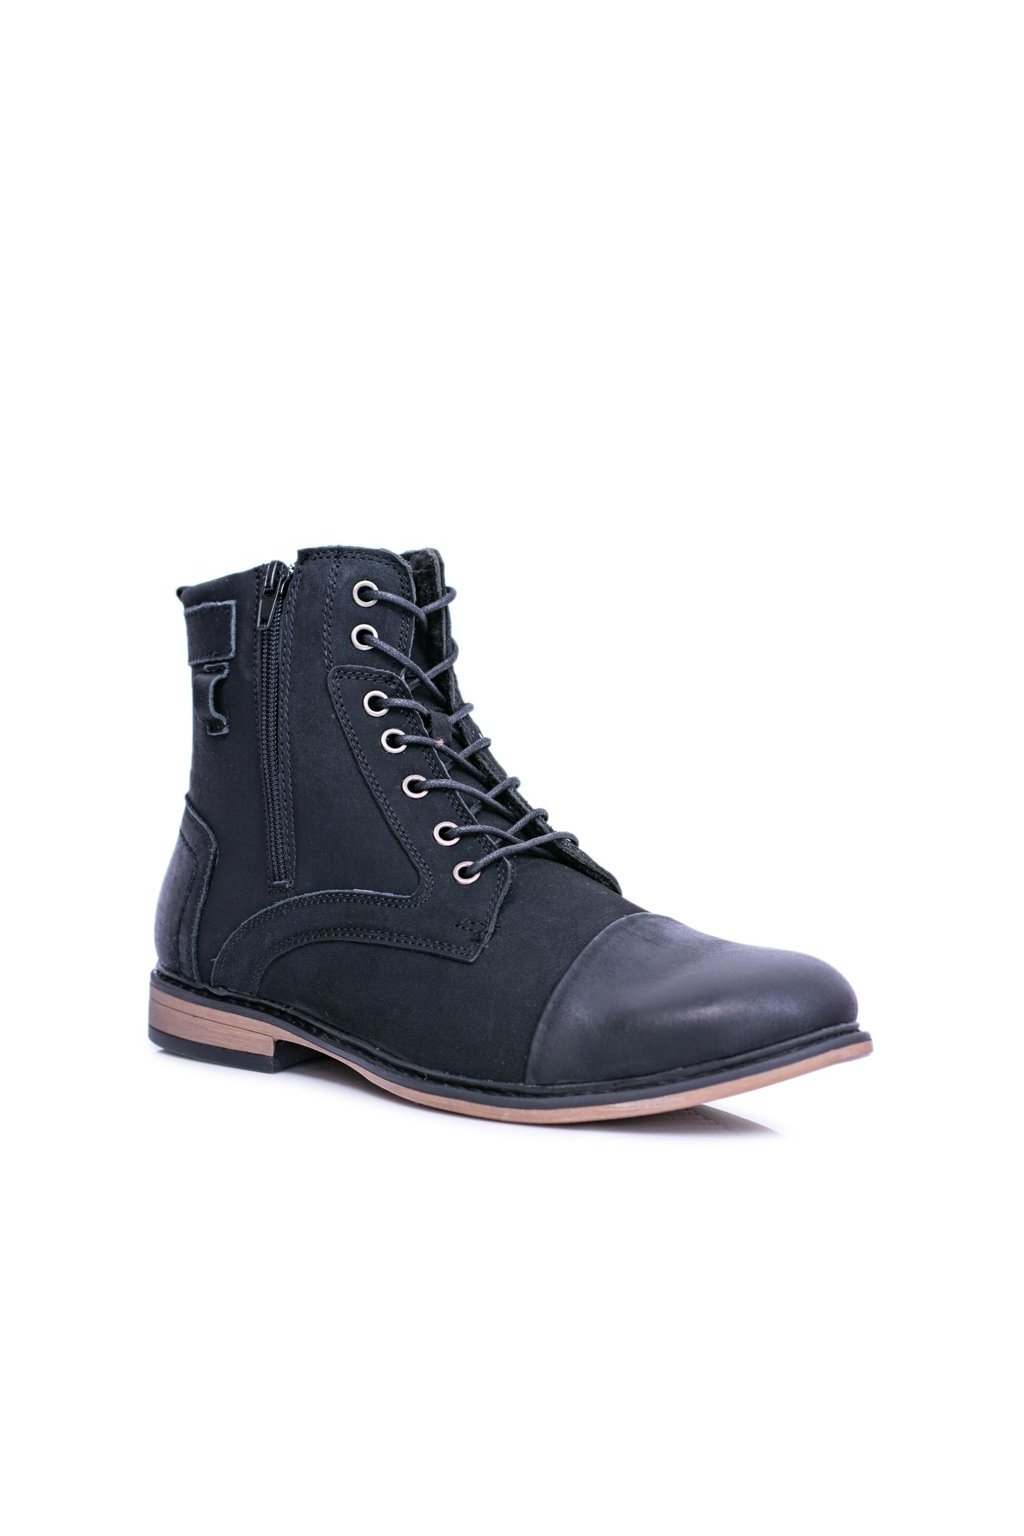 Pánske kožené teplé topánky so zipsami Grendy